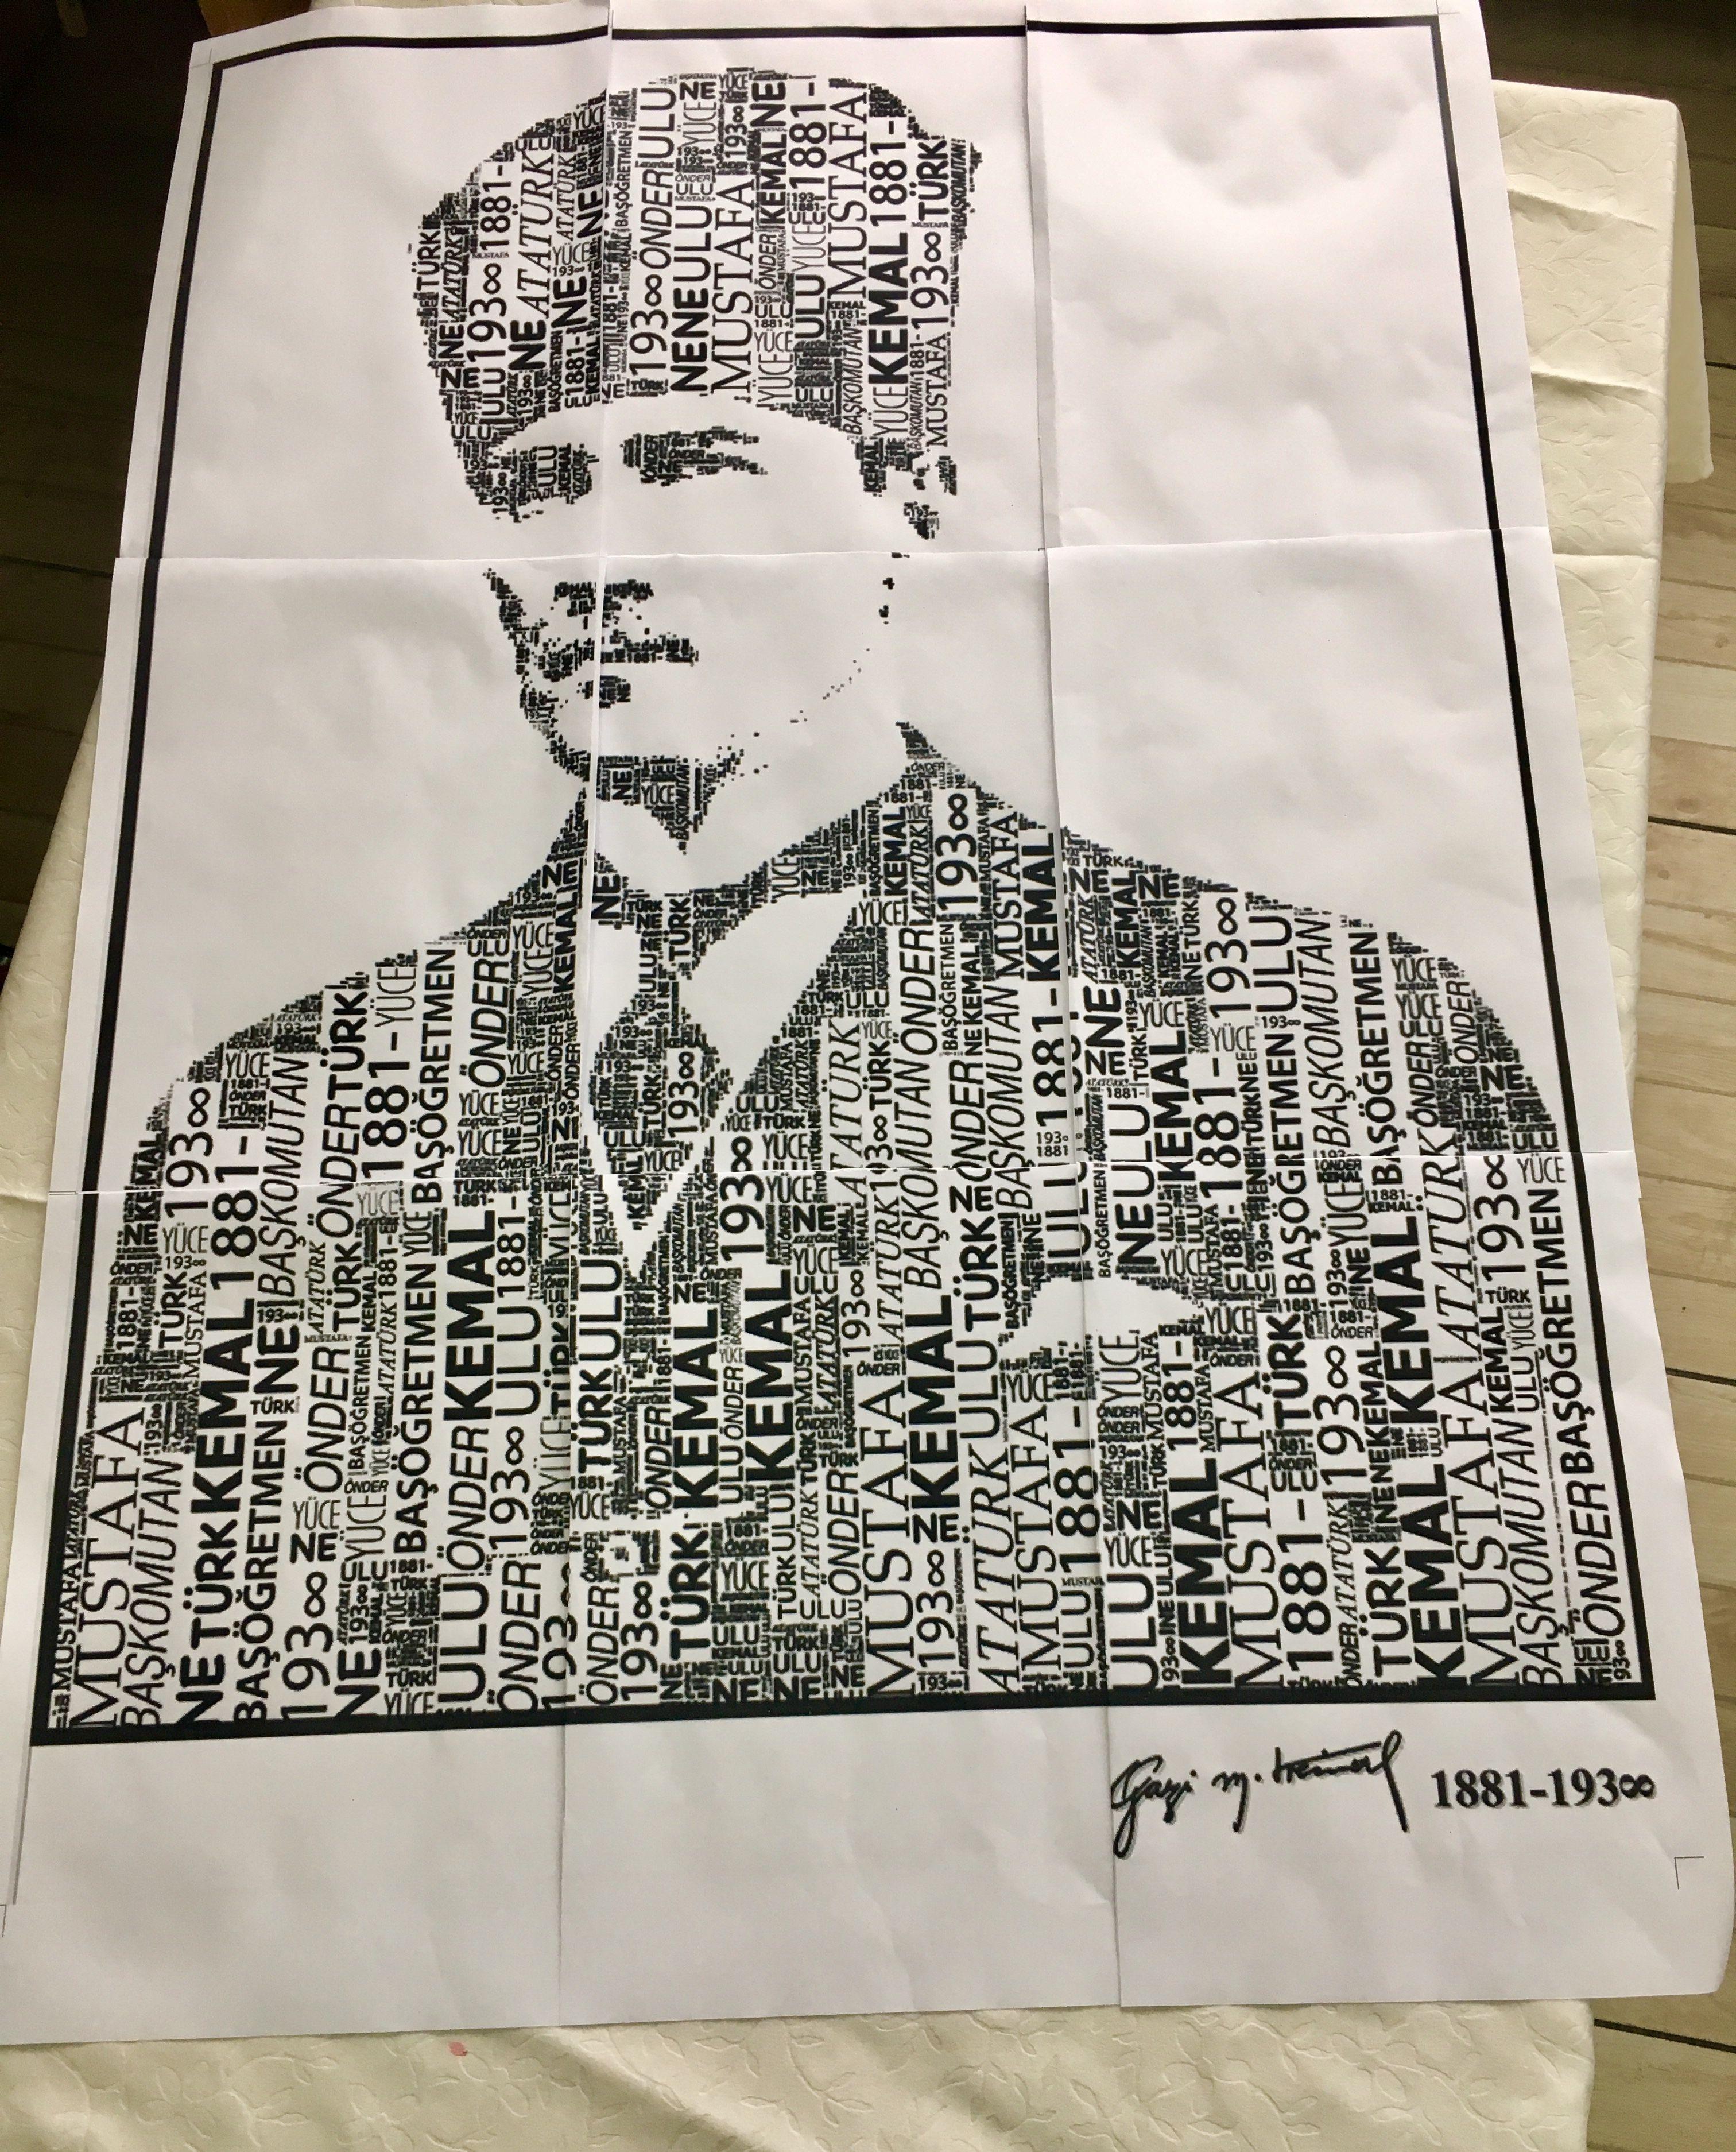 Ataturk Poster Calismasi Cigdem Ogretmen Siyah Beyaz Fotografcilik Poster Siyah Beyaz